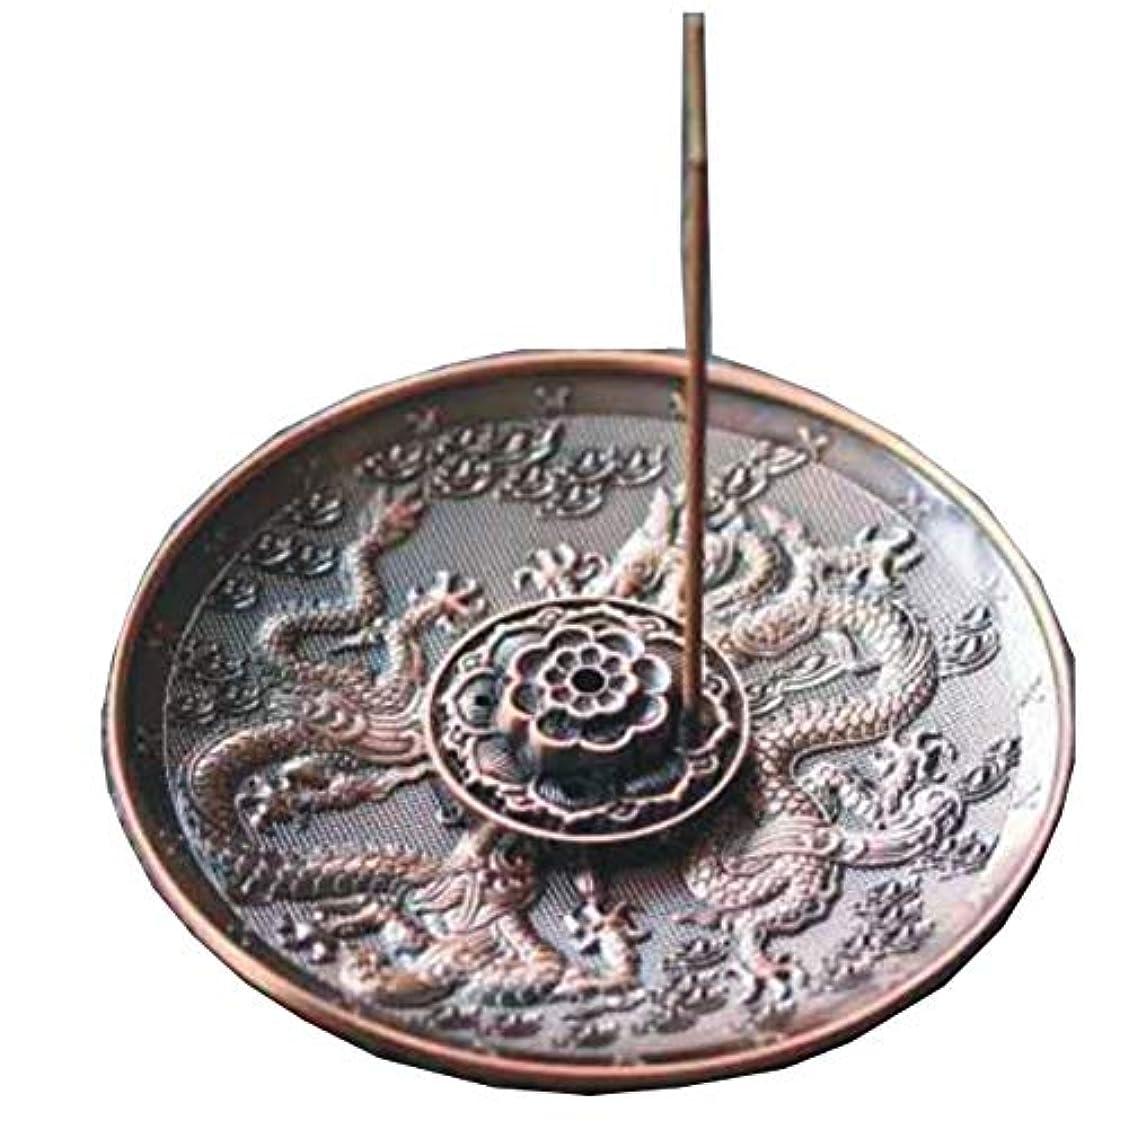 資金理論的メロドラマティック[RADISSY] お香立て 香炉 香皿 スティック 円錐 タイプ お香 スタンド 龍のデザイン (赤胴色9穴)